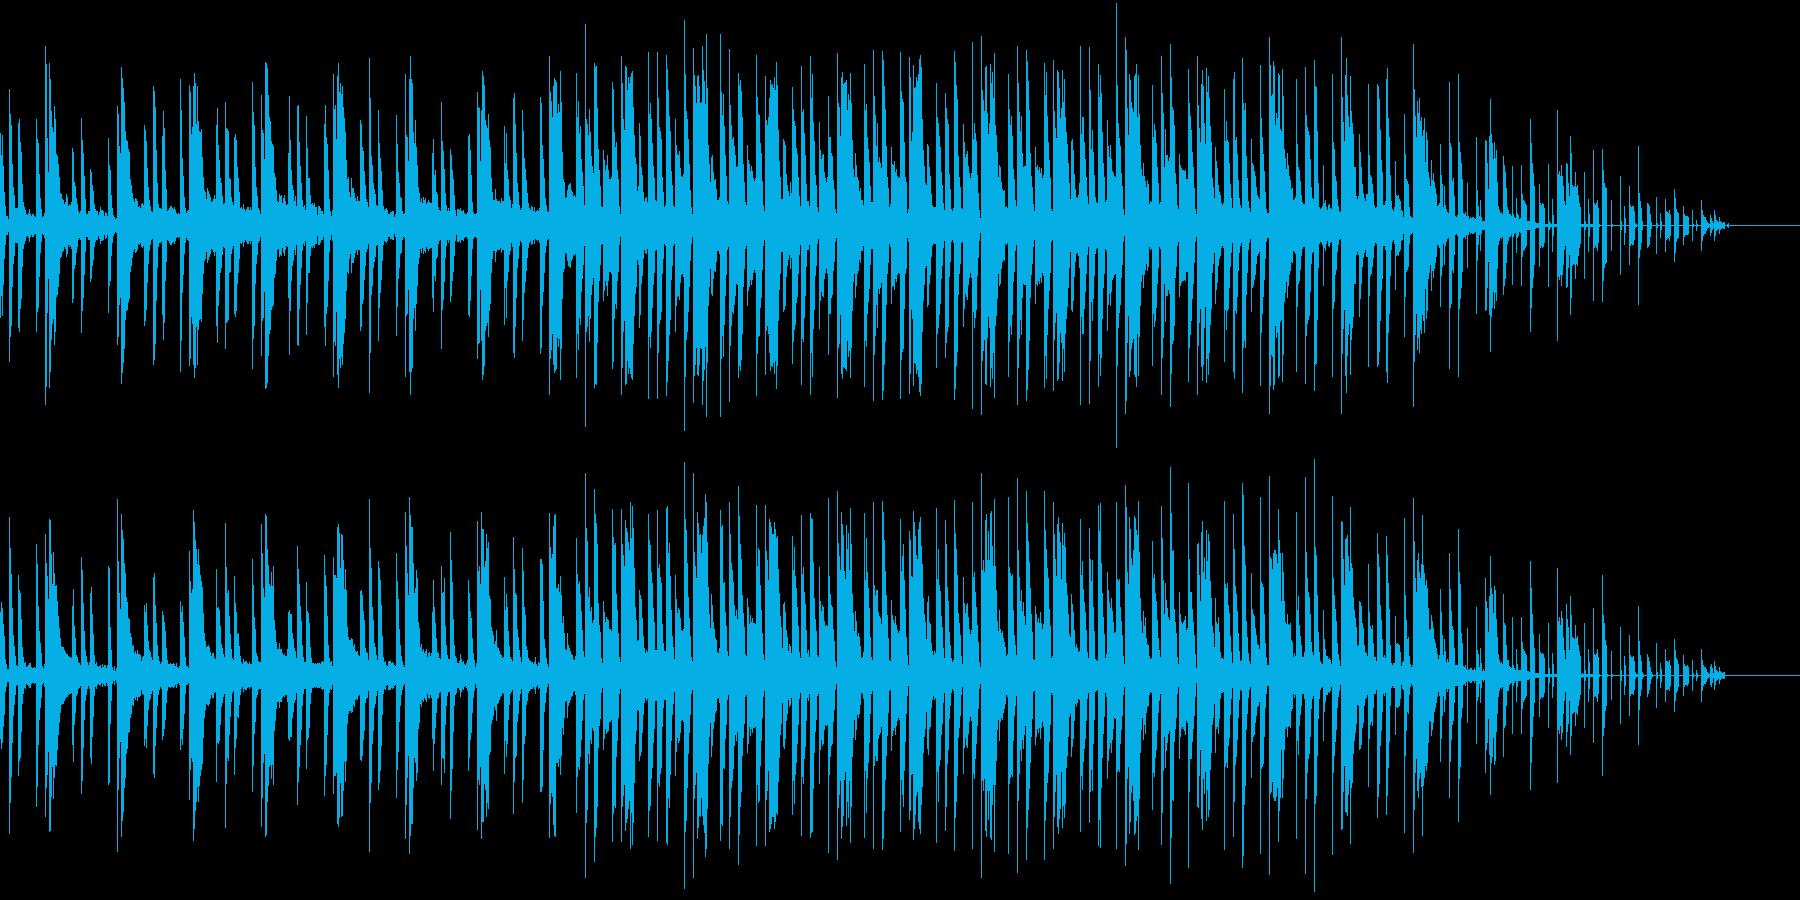 ニュース中の怪しいような雰囲気のBGMの再生済みの波形